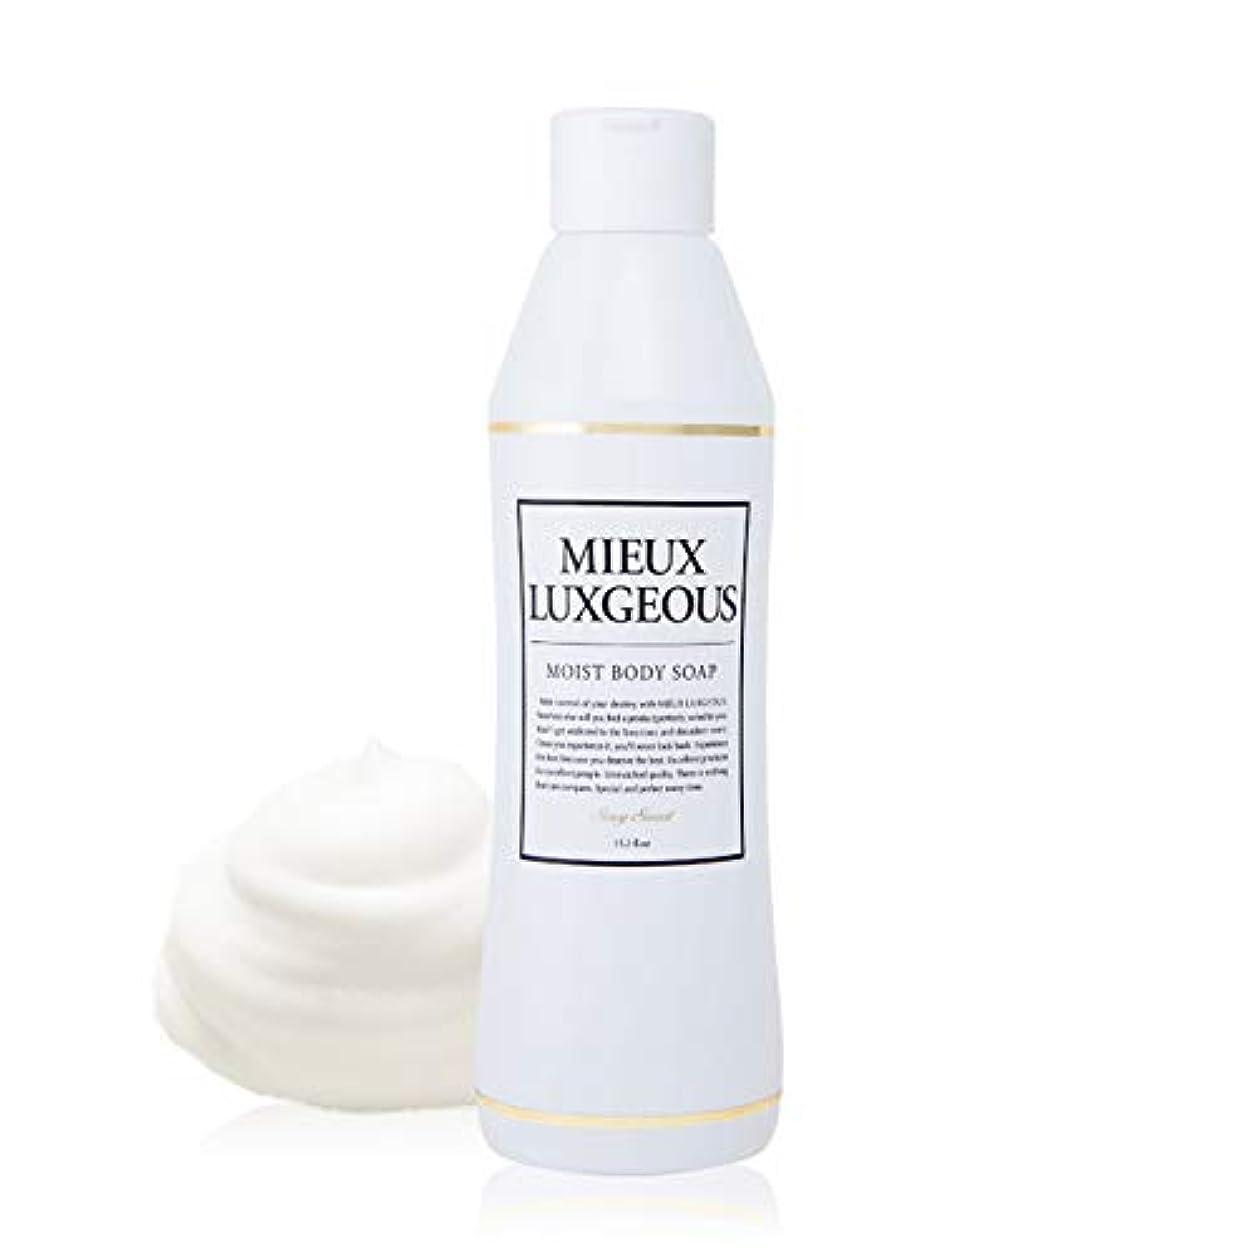 ミューラグジャス モイストボディソープ MOIST BODY SOAP - Sexy Sweetの香り